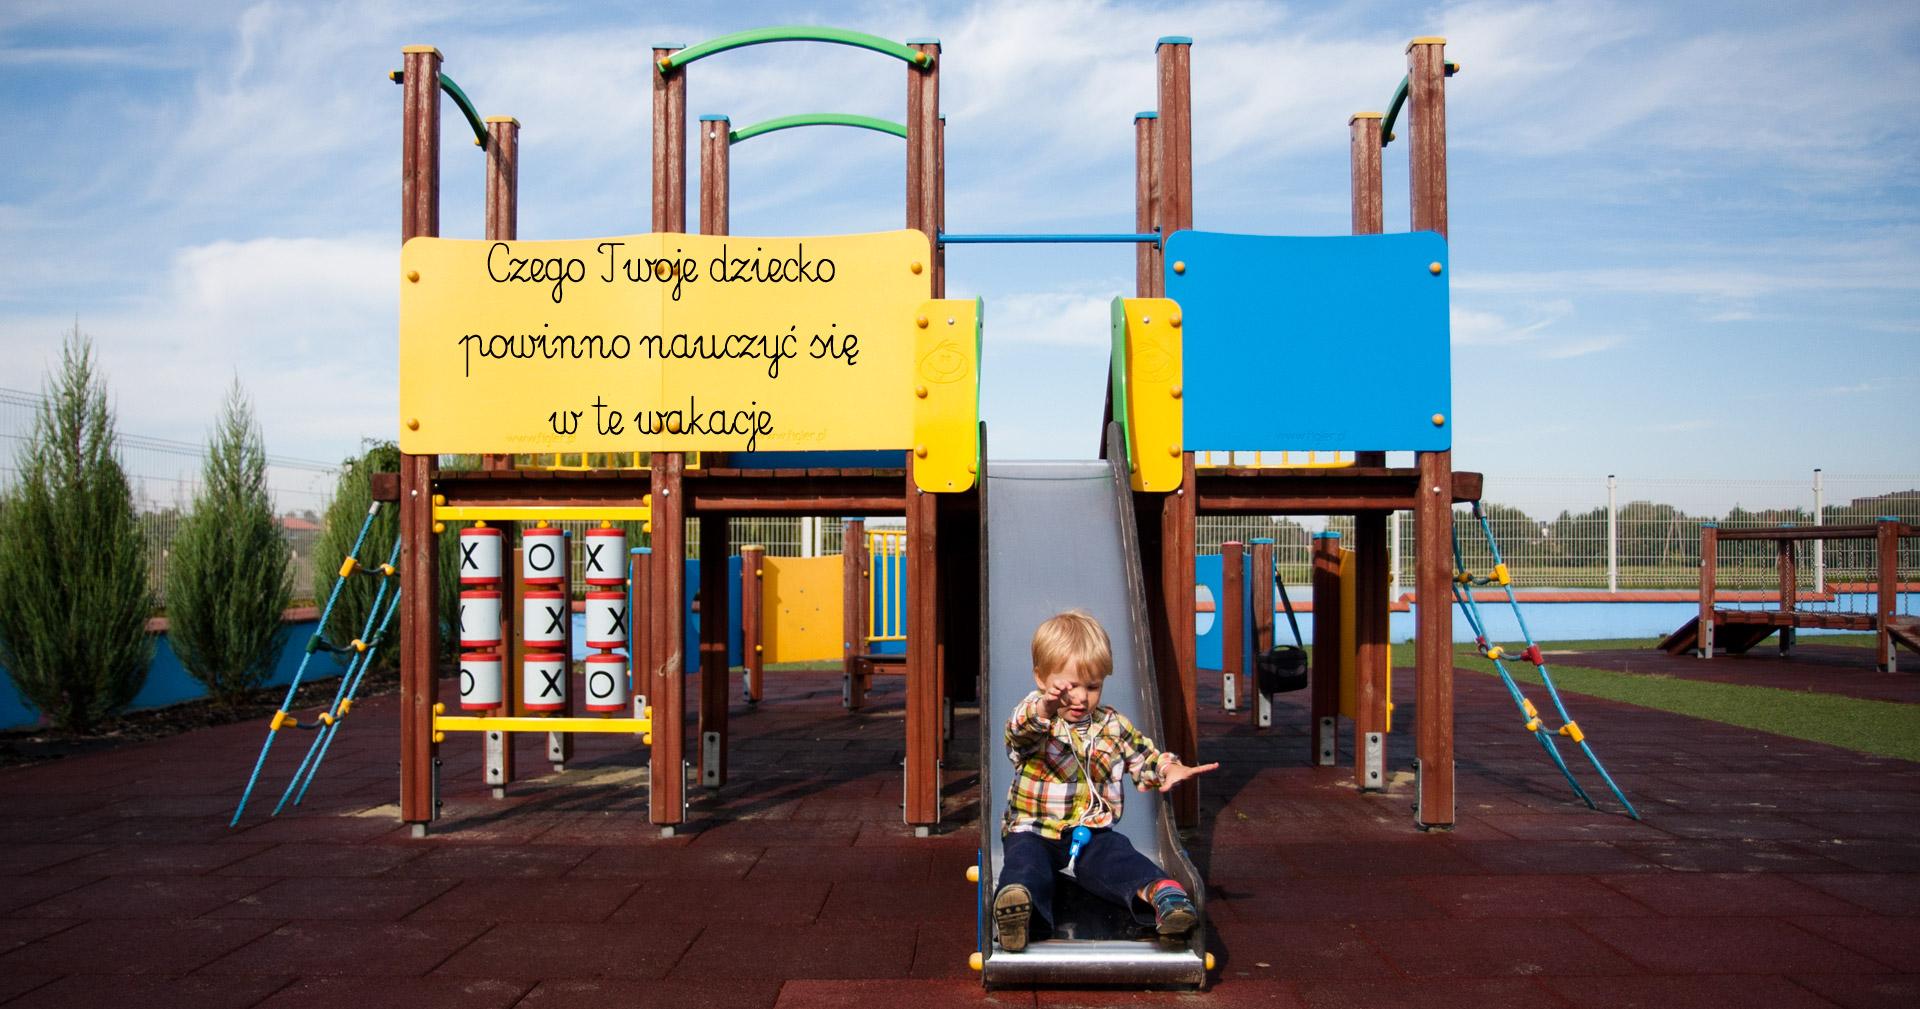 nauka w wakacje, zajęcia dla dzieci na wakacje, nauka na placu zabaw